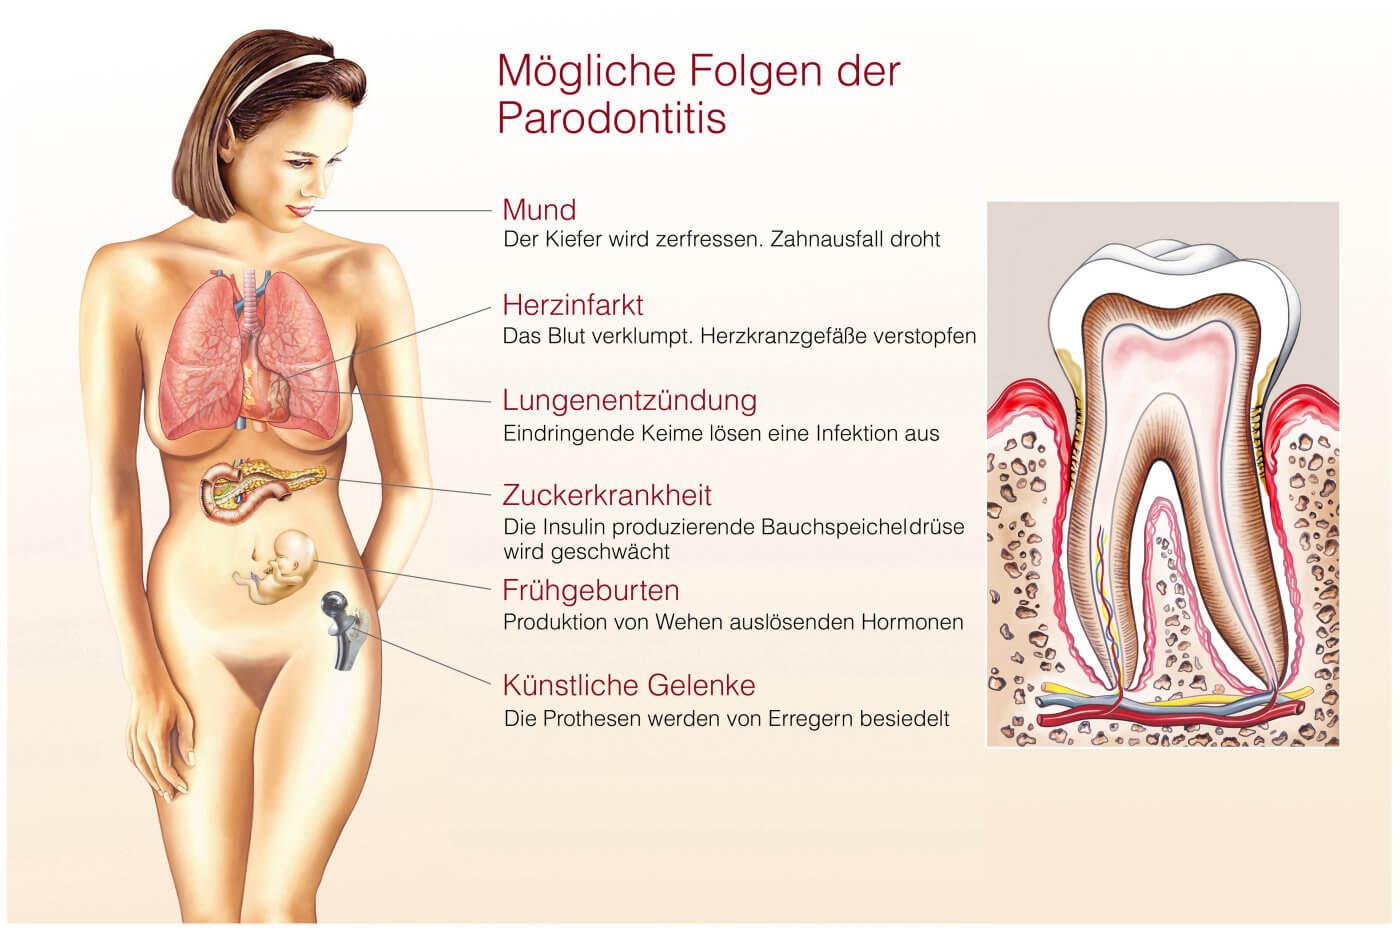 Parodontitis als Risikofaktor für andere Entzündungen - Illustration mögliche Erkrankungen